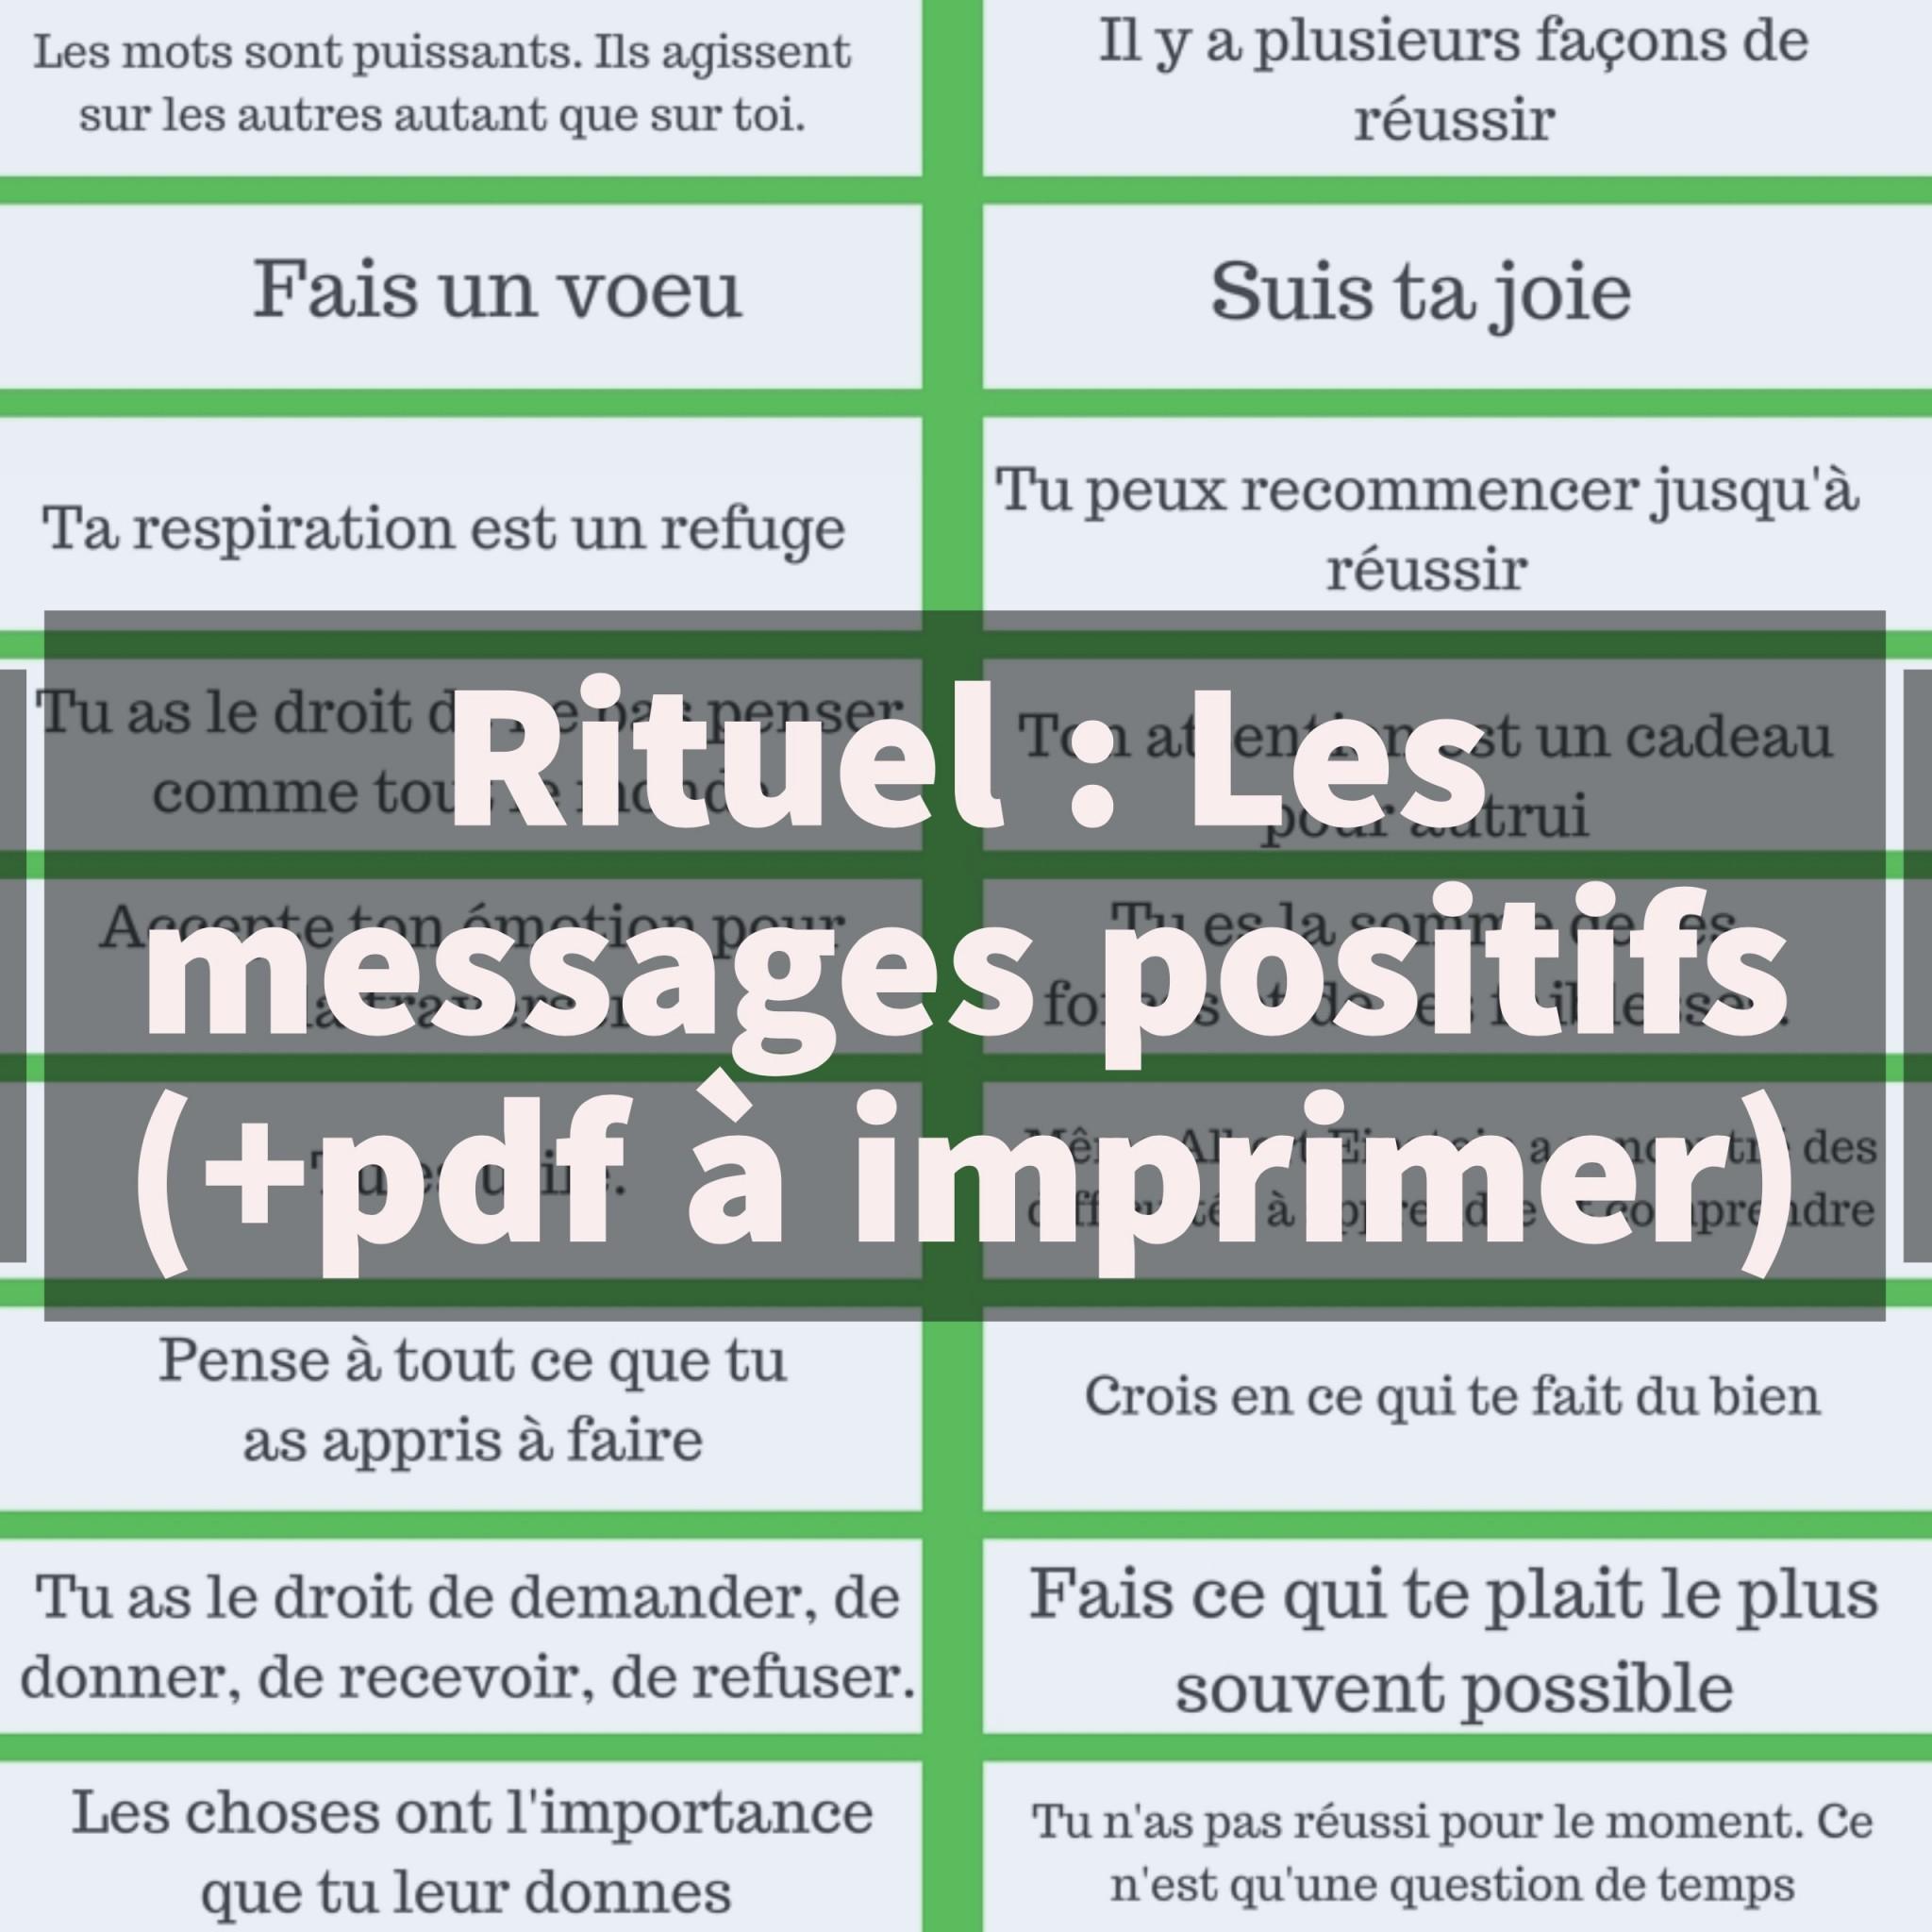 Message Pour Calendrier De L Avent.Rituel Les Messages Positifs Pdf A Imprimer